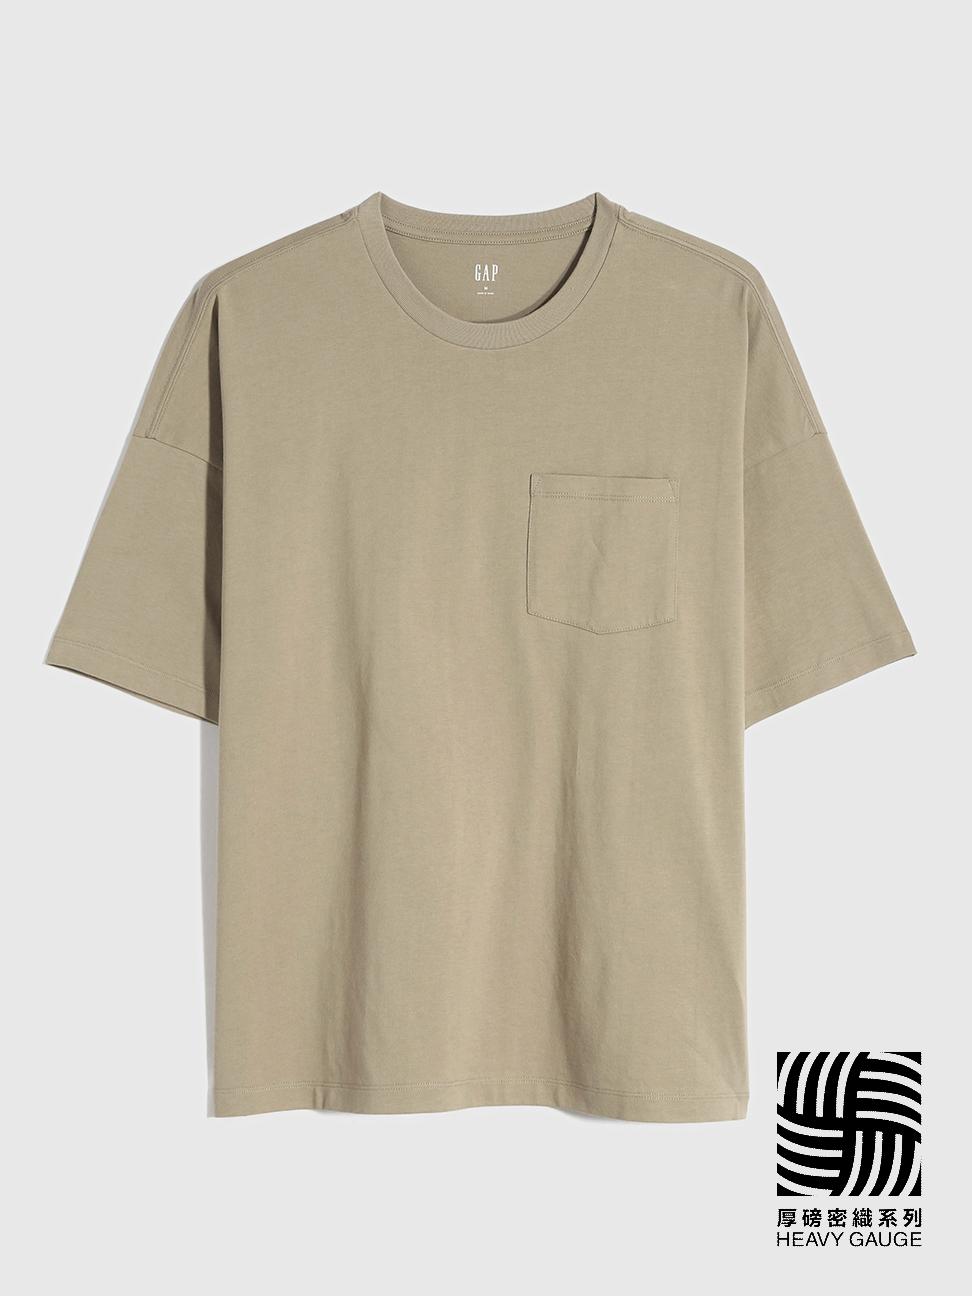 男裝 厚磅密織系列 純棉基本款圓領短袖T恤